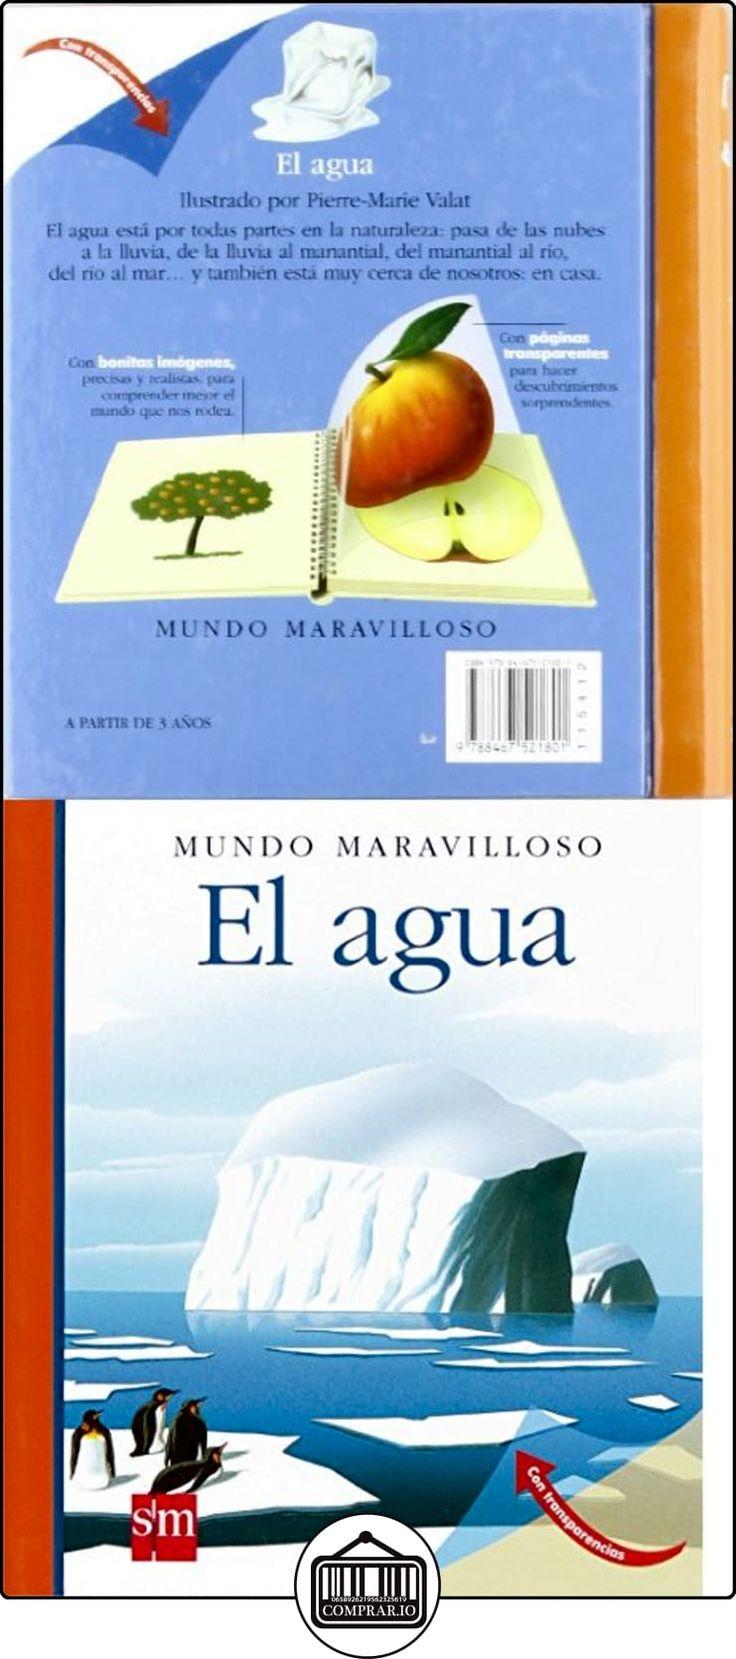 El agua (Mundo maravilloso) Pierre-Marie Valat ✿ Libros infantiles y juveniles - (De 0 a 3 años) ✿